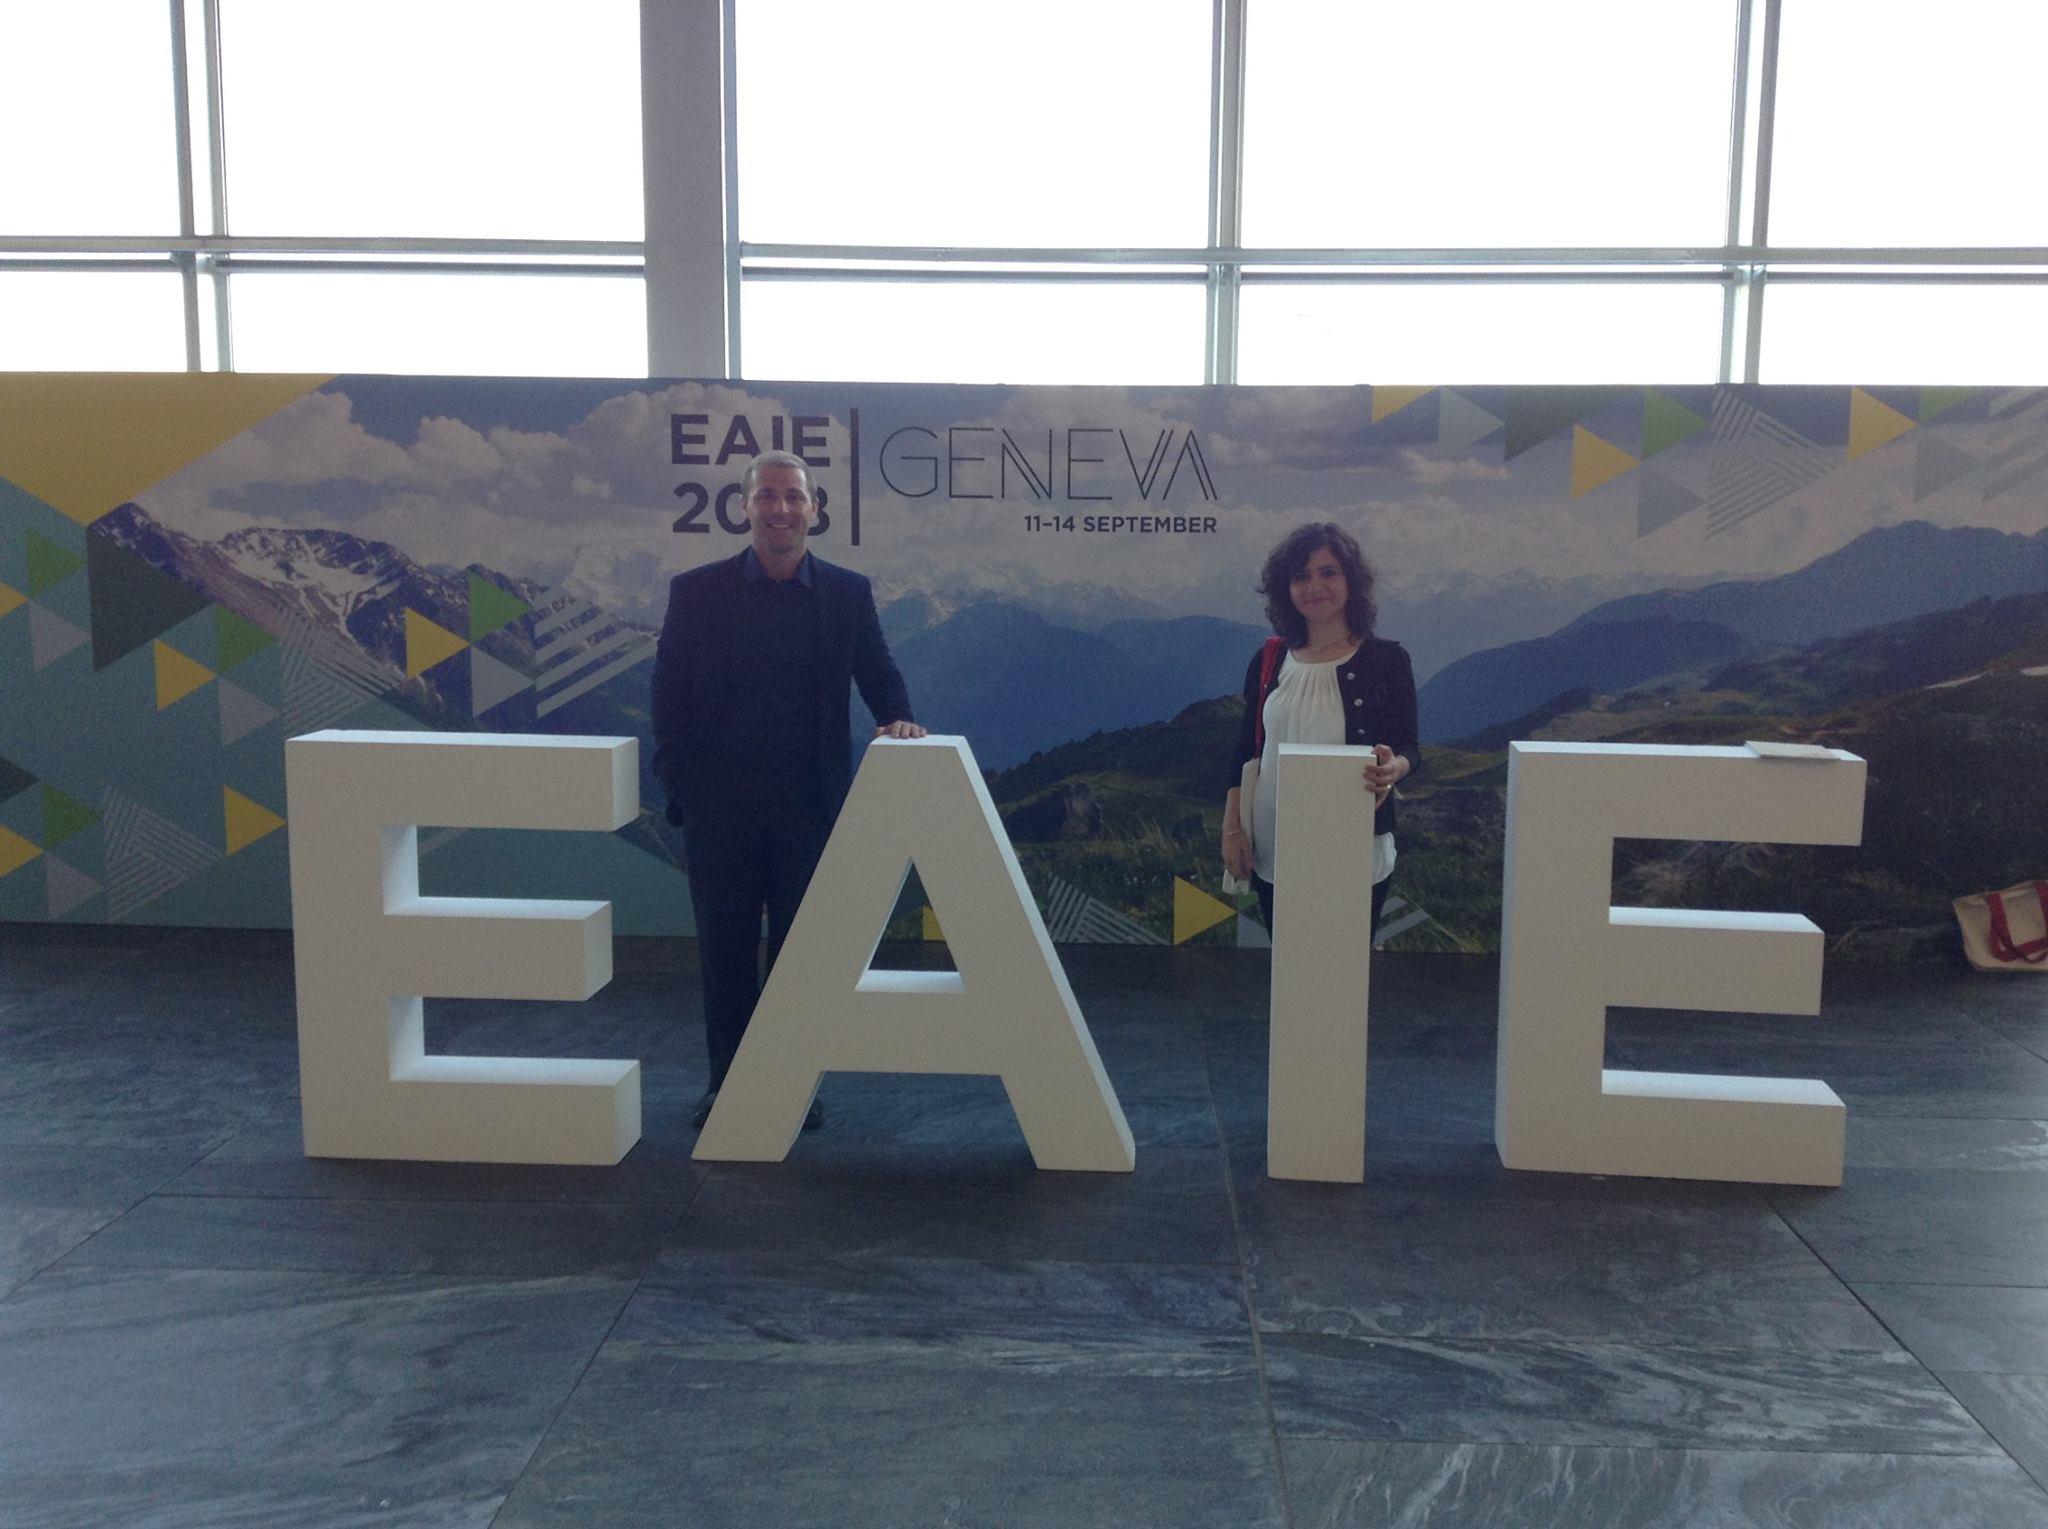 AGÜ EAIE'de Uluslararası Yükseköğretim Konferansı'nda